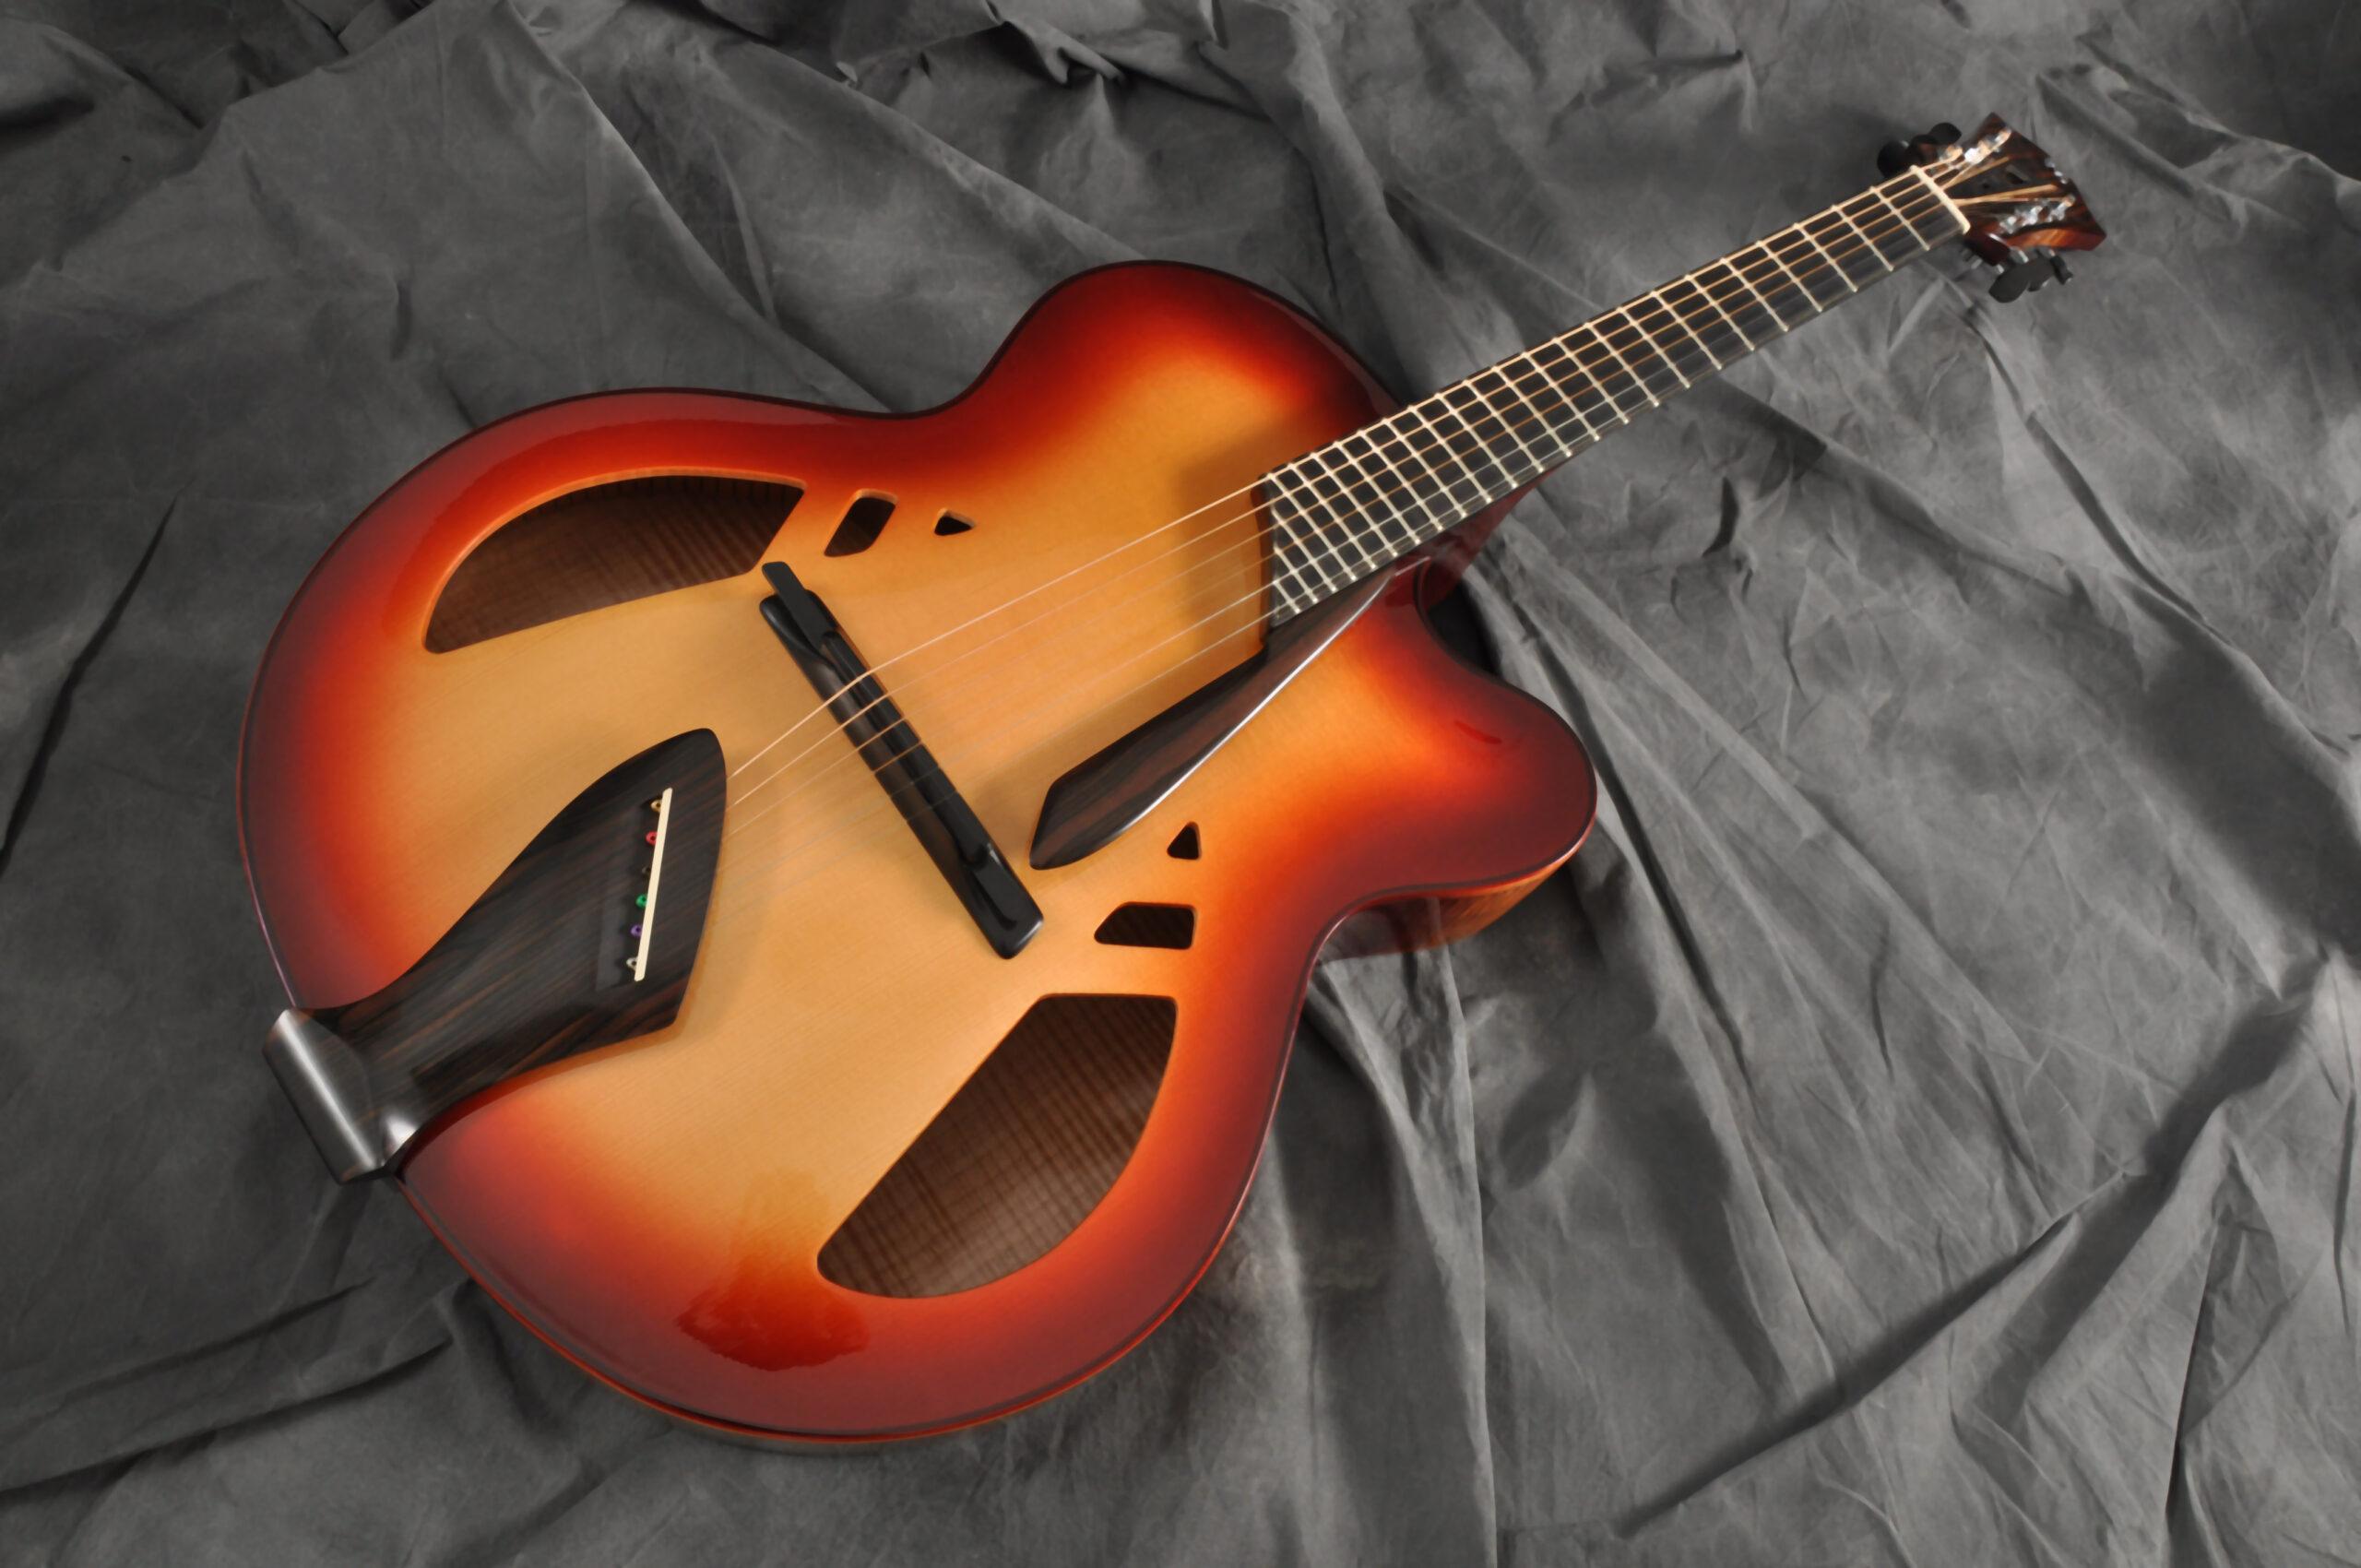 Mirabella-Jazz-Moderne-65-scaled.jpg